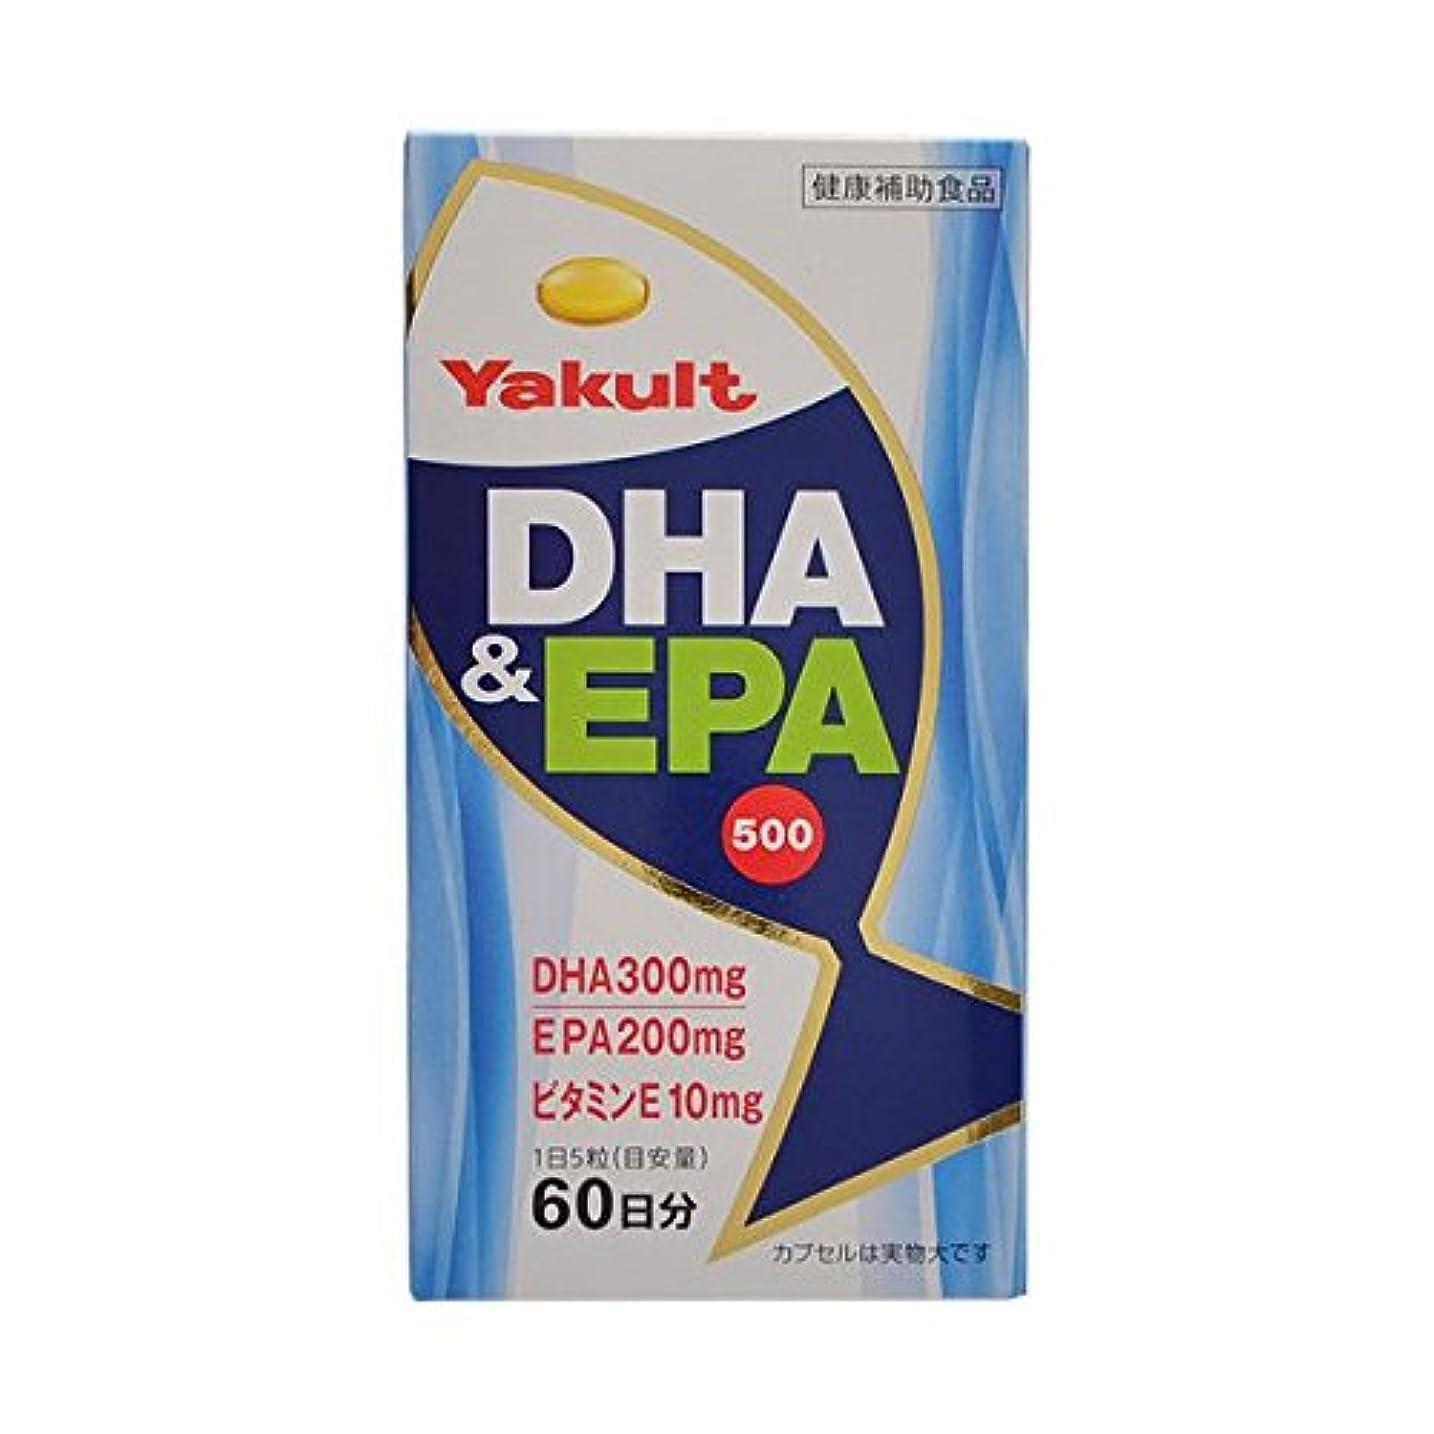 取り出す追放する装備するヤクルト DHA&EPA500 430mg×300粒【2個セット】